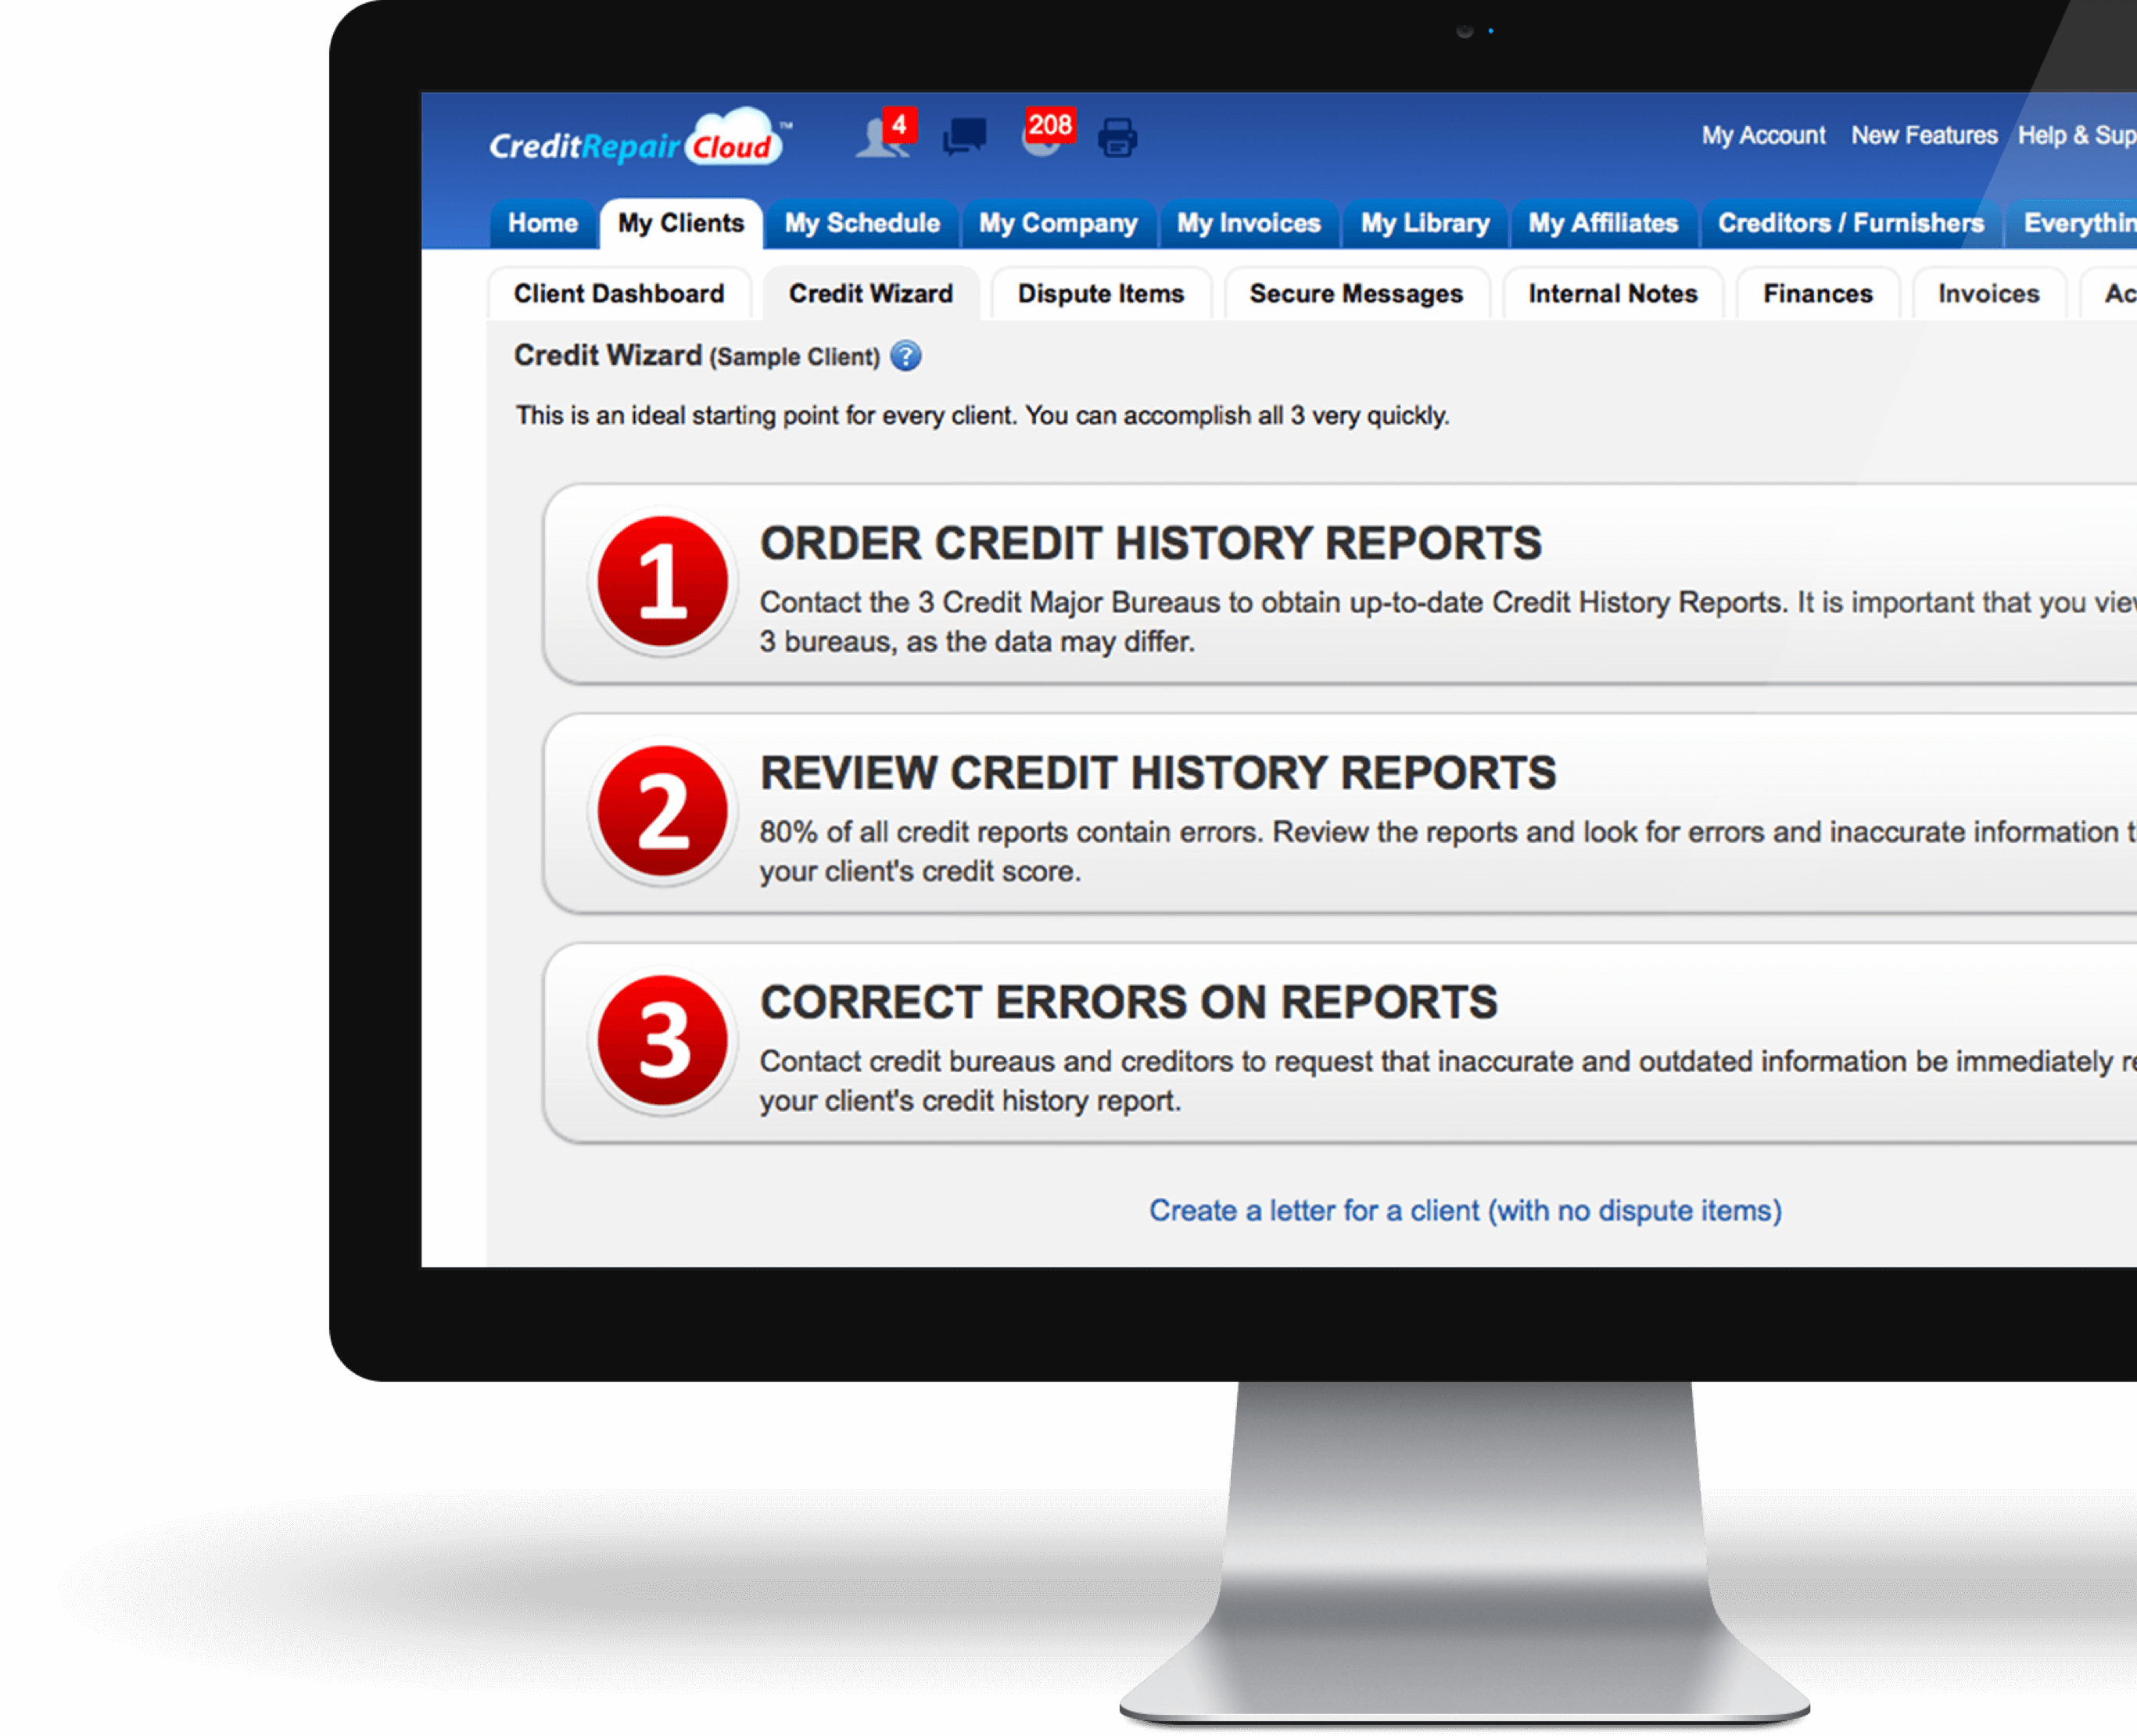 Credit Repair Cloud | Credit Repair Software CRM | Try it FREE!